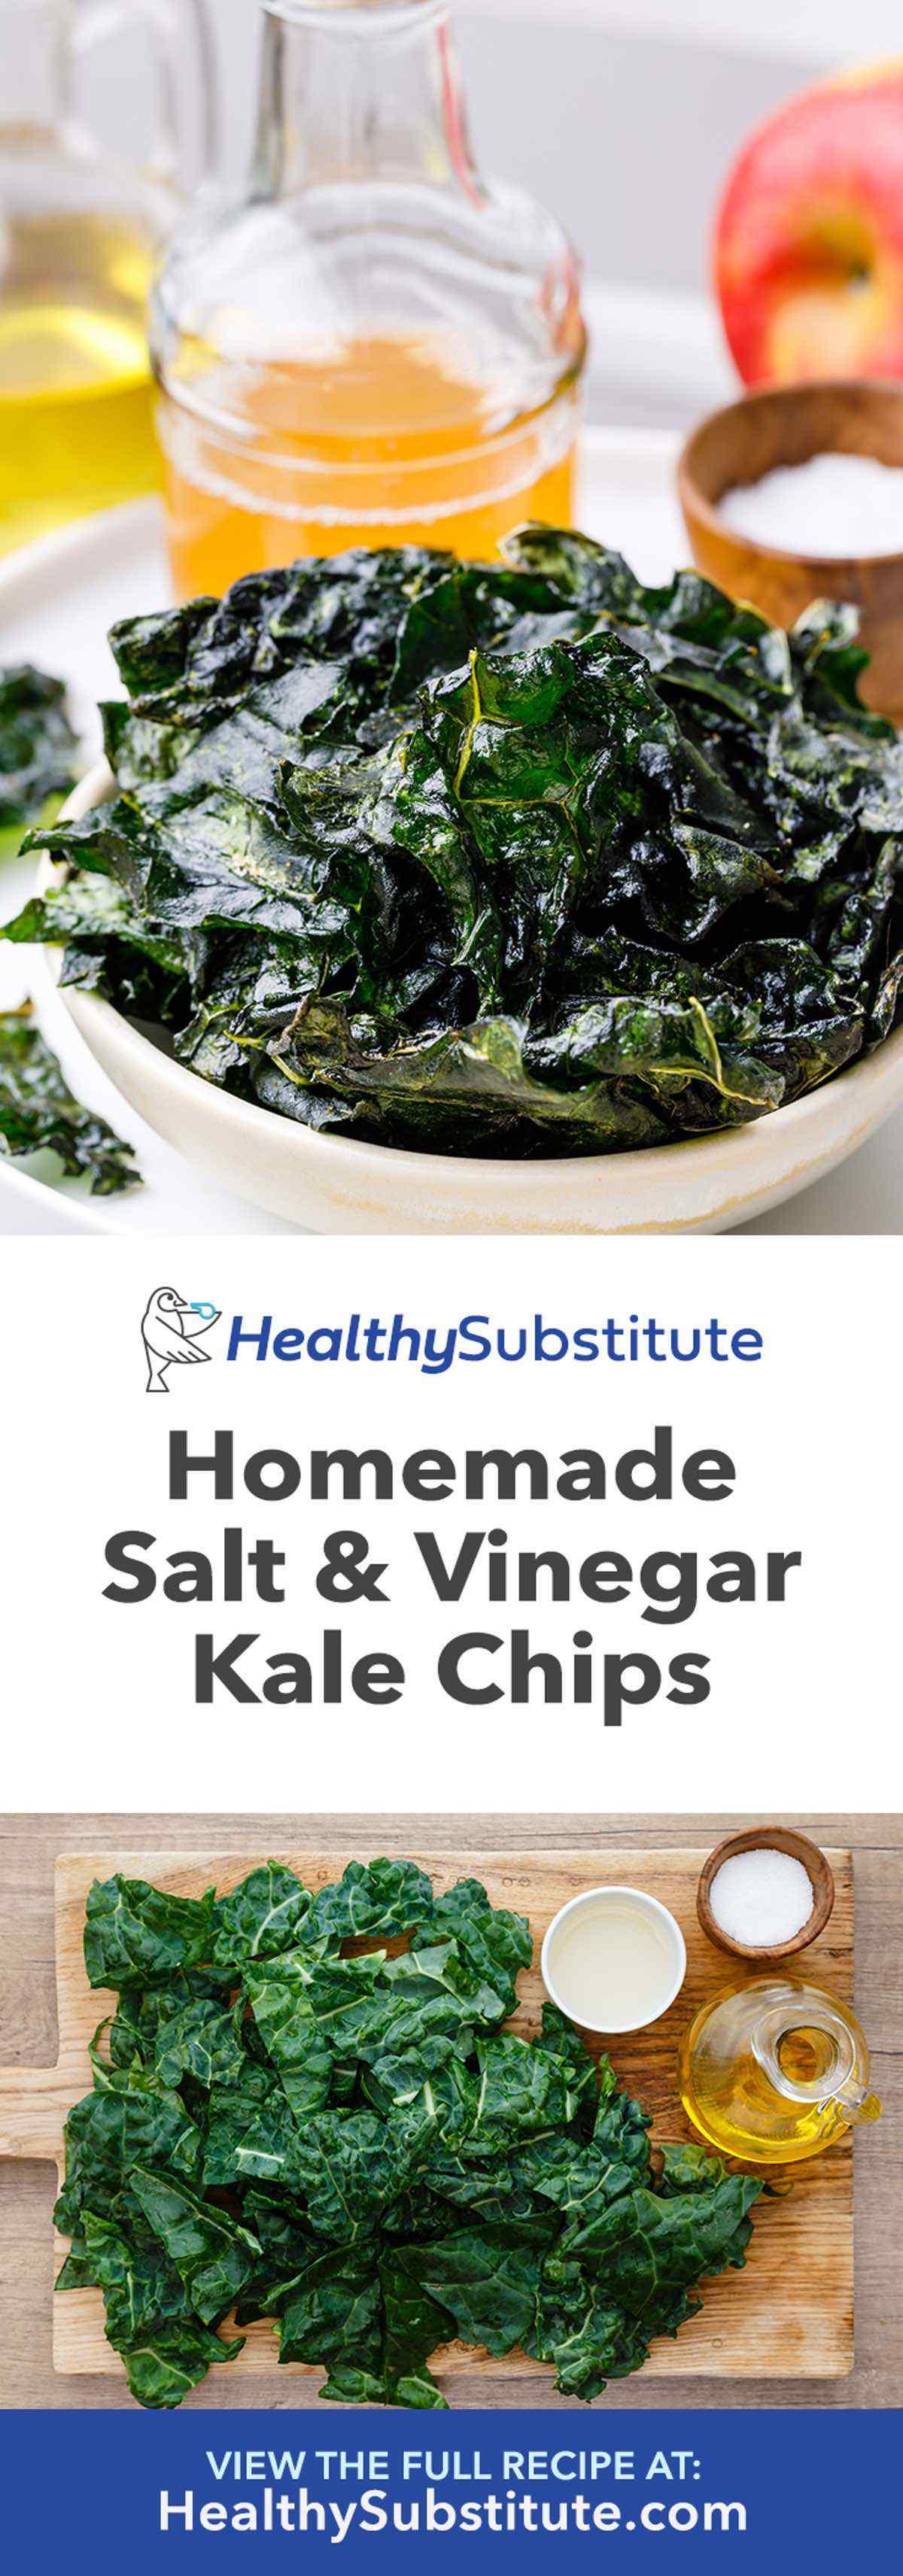 Homemade Salt and Apple Cider Vinegar Kale Chips